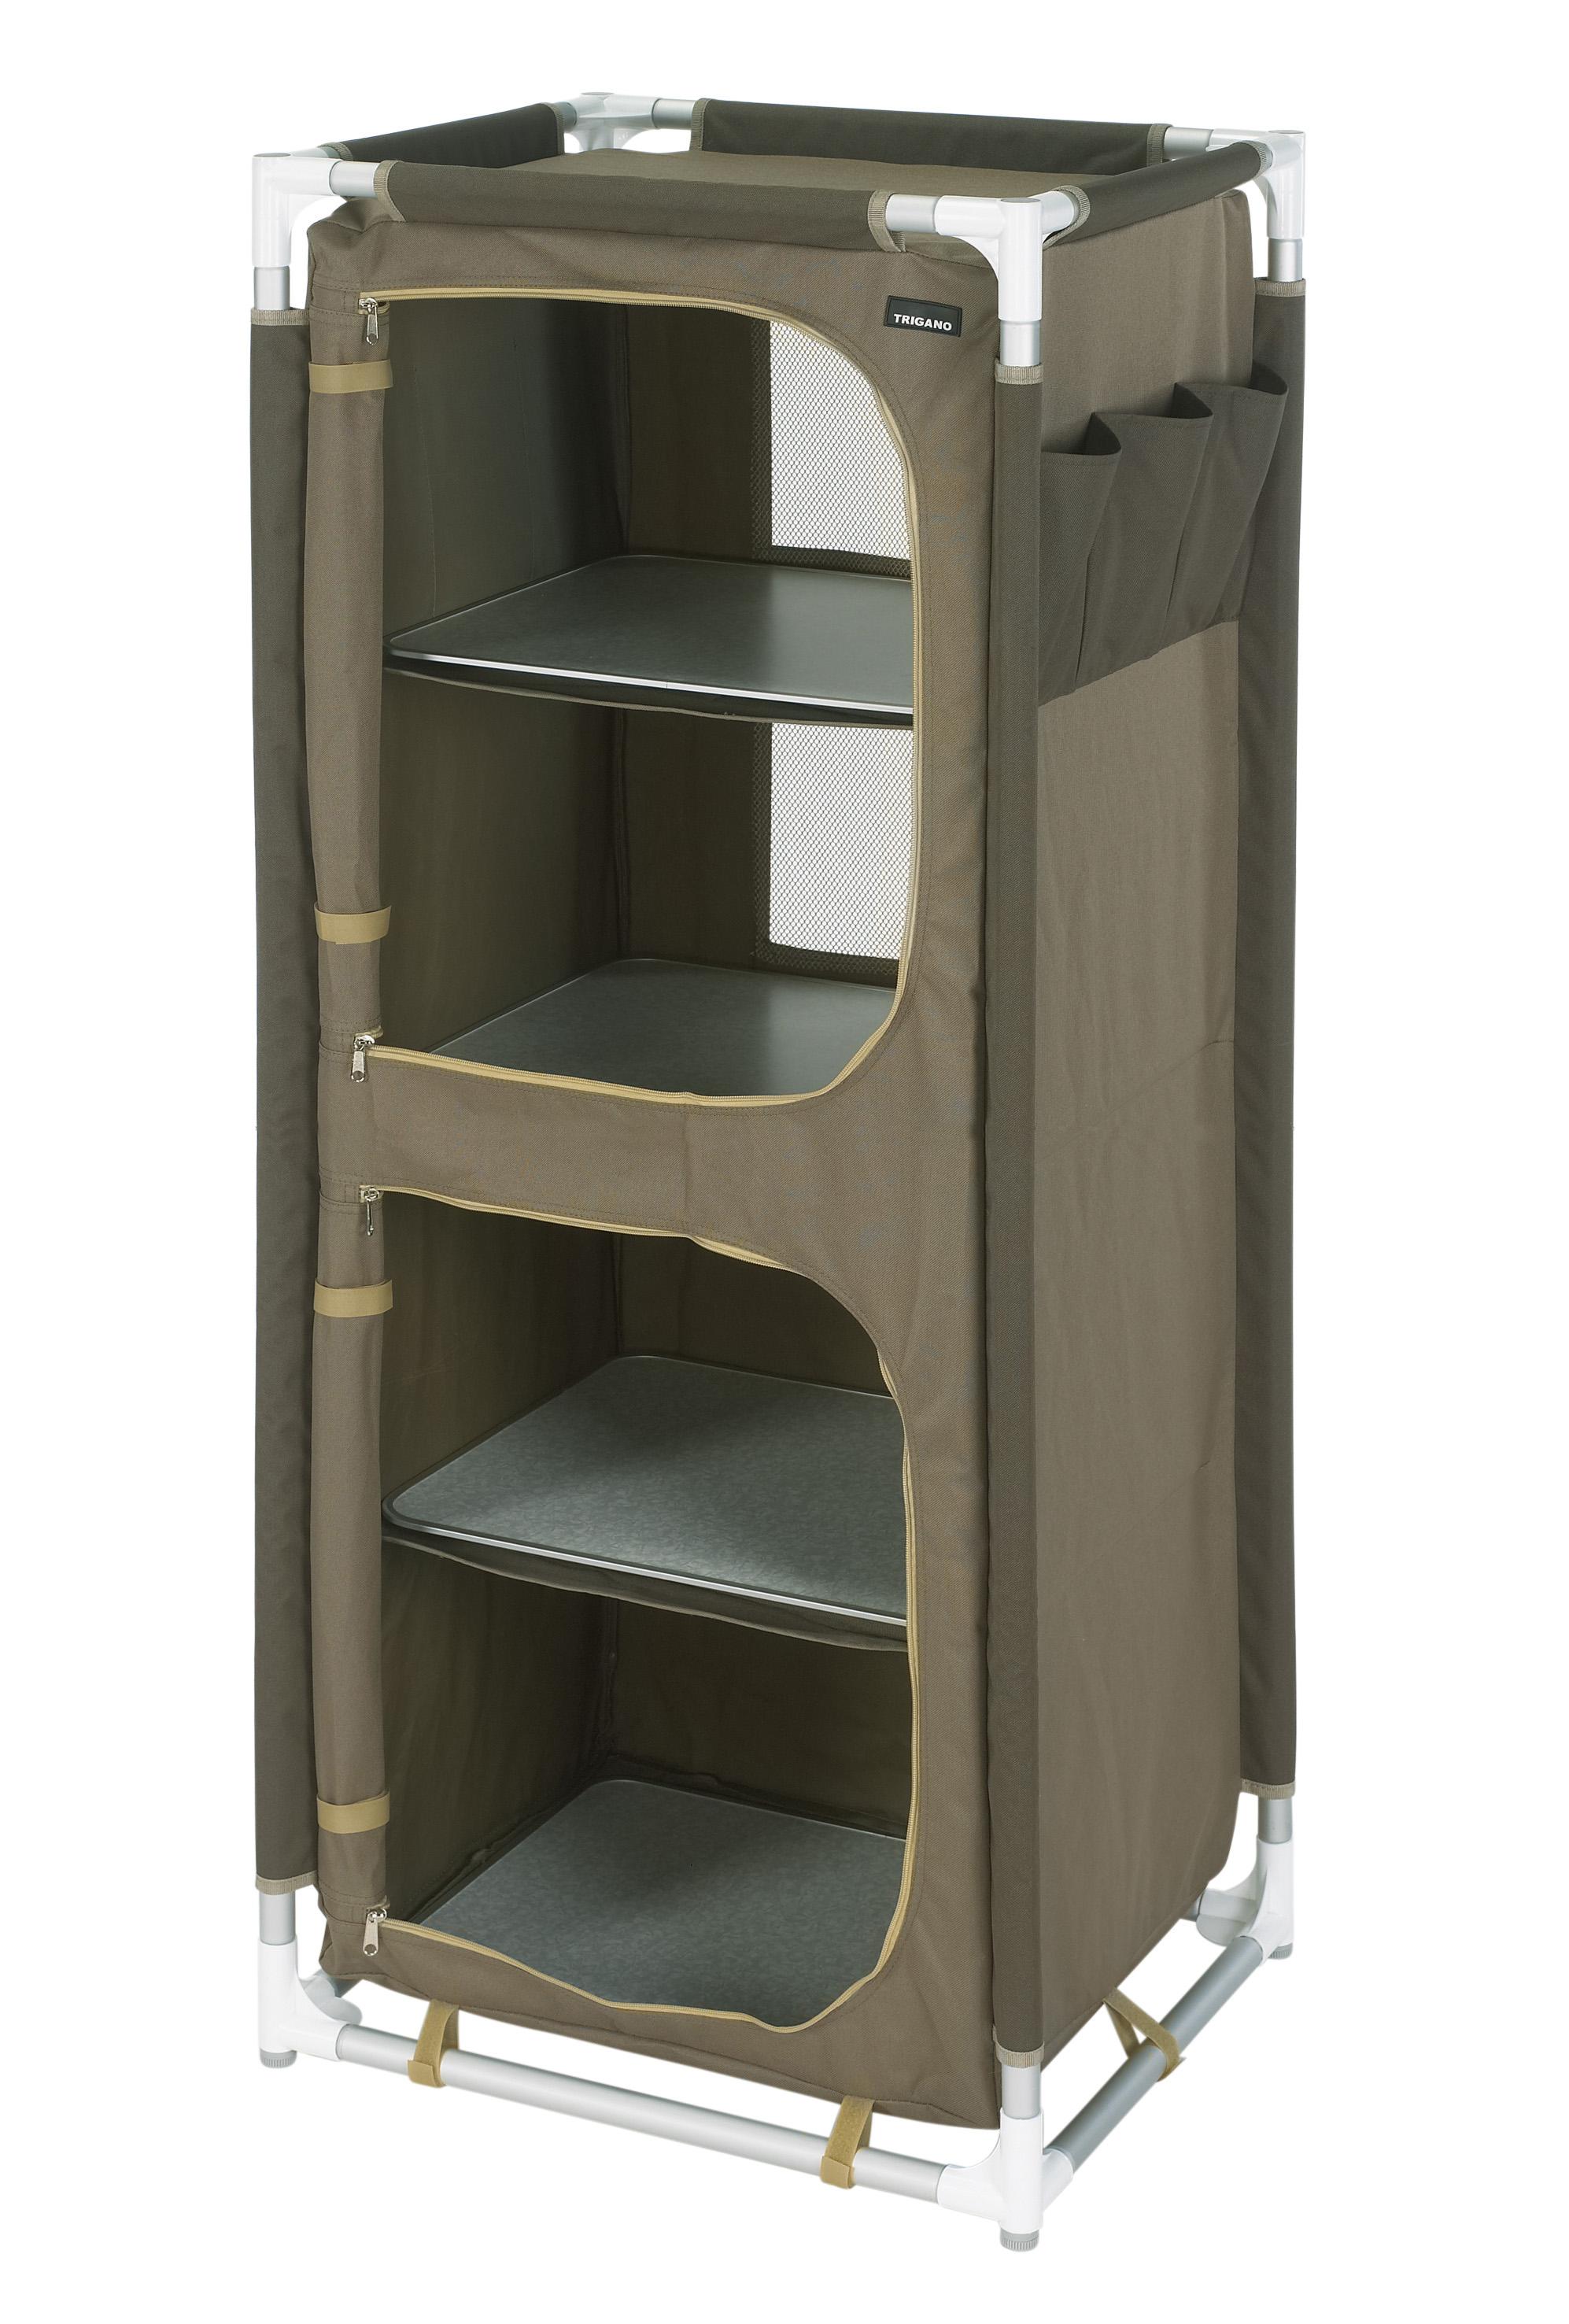 trigano - TROUVE ! recherche meuble de rangement trigano 4 étagères M047A13_1_1423823655